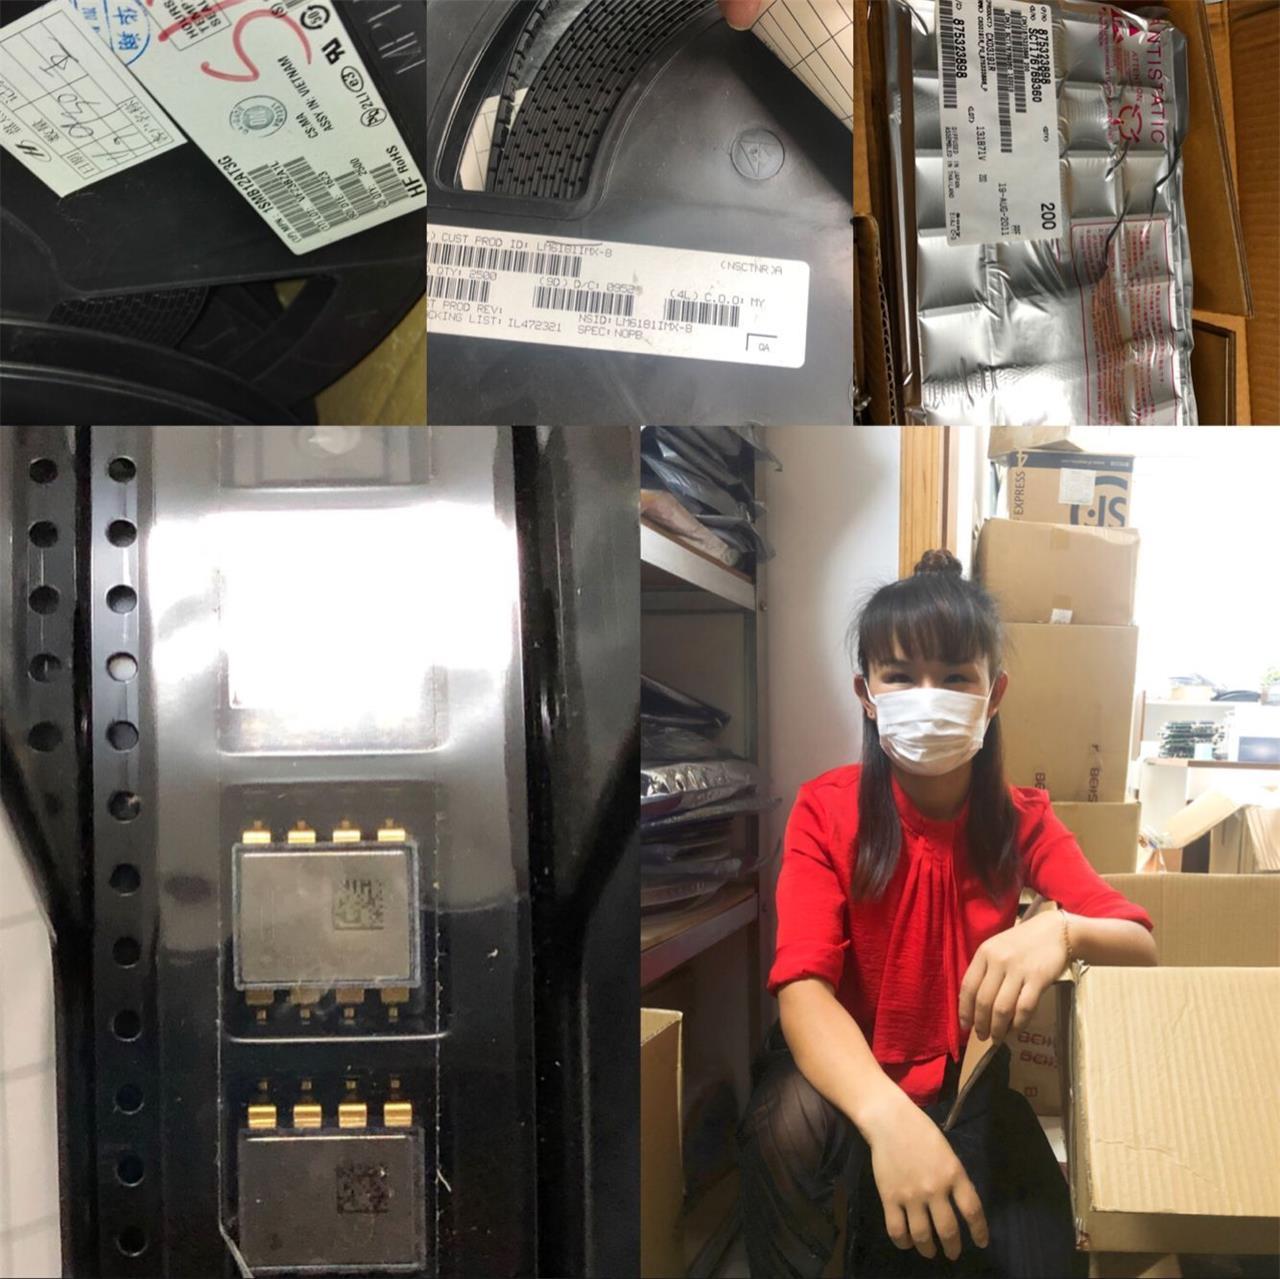 东莞石龙进口存储器回收 连接器回收专业报价